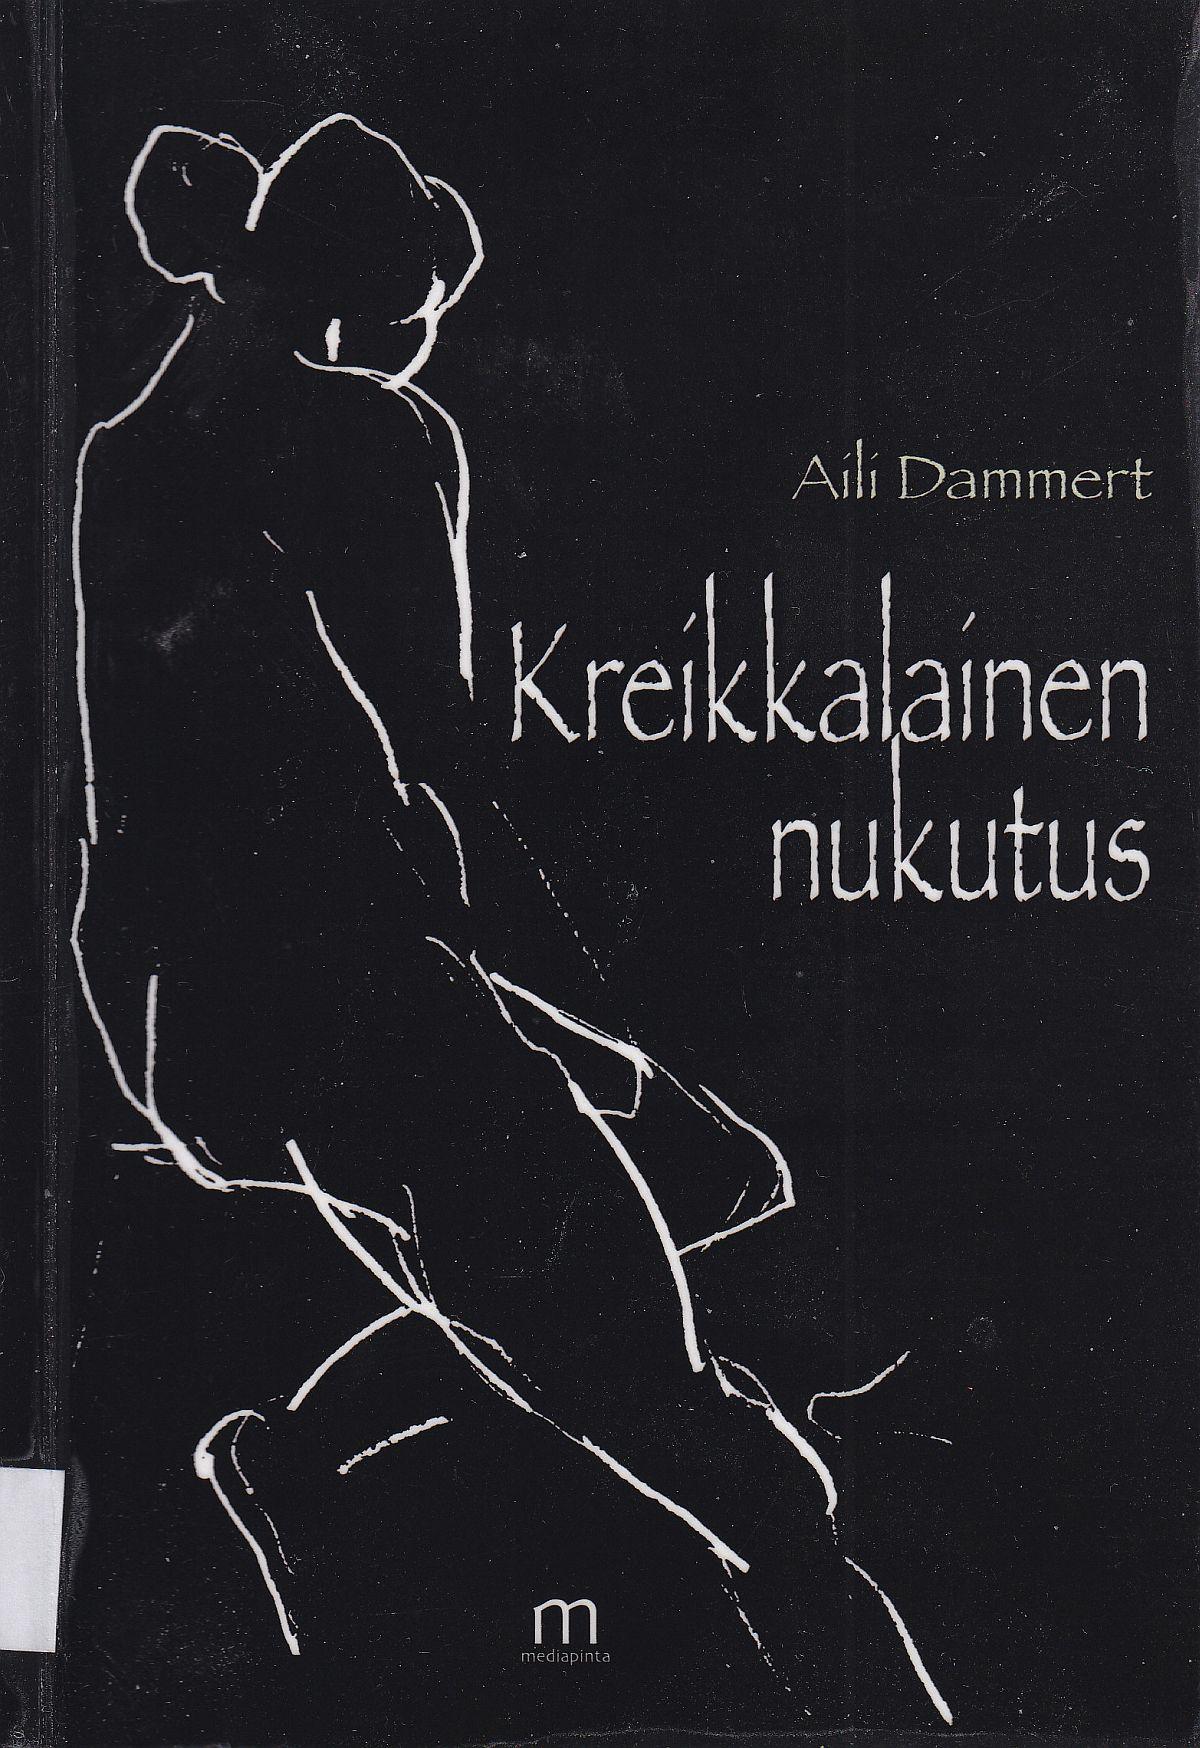 Aili Dammertin novellikokoelman Kreikkalainen nukutus kansi